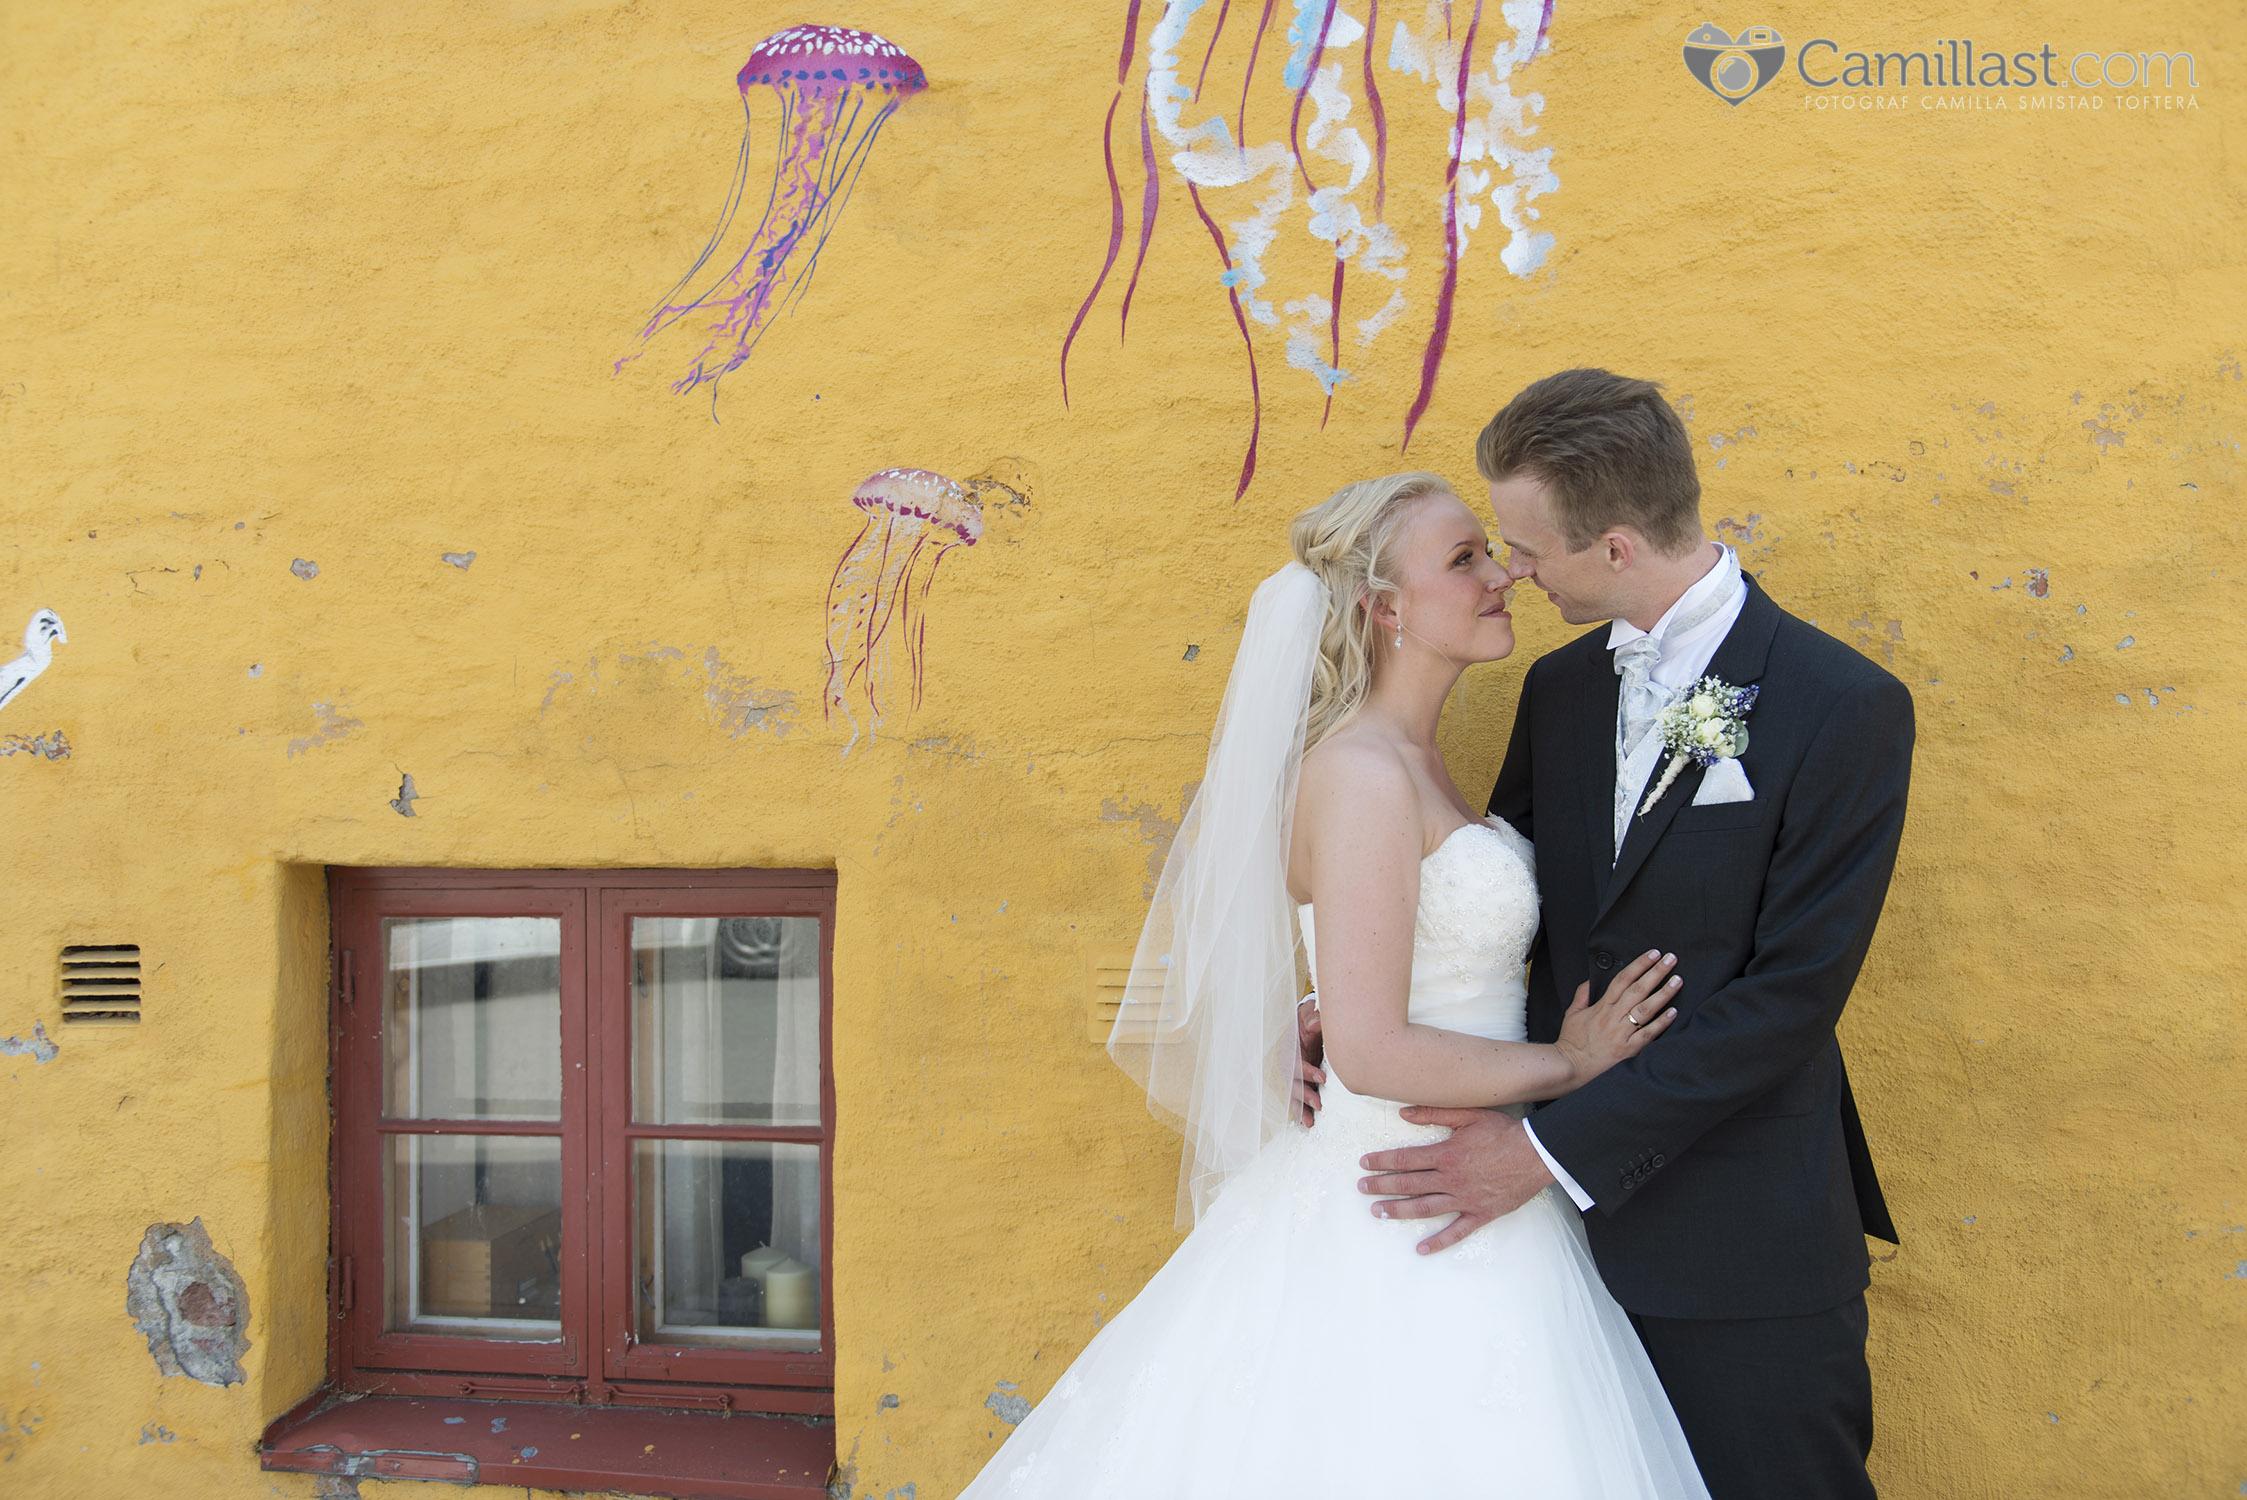 Bryllup Camilla Henrik 20150704Fotograf CamillaST164 copy.jpg